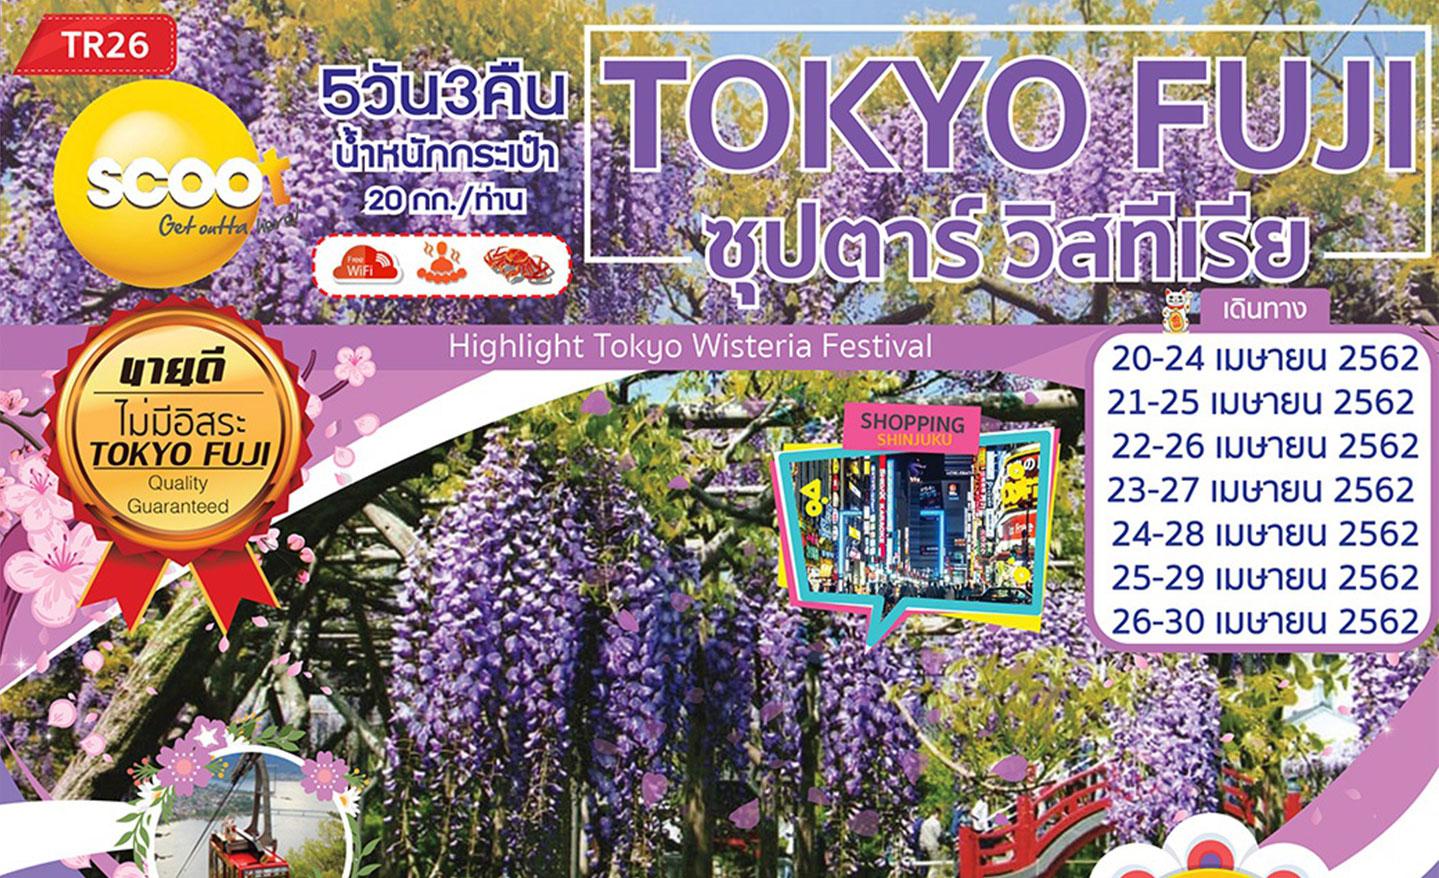 ทัวร์ญี่ปุ่น Tokyo Fuji ซุปตาร์ วิสทีเรีย (เม.ย.62)